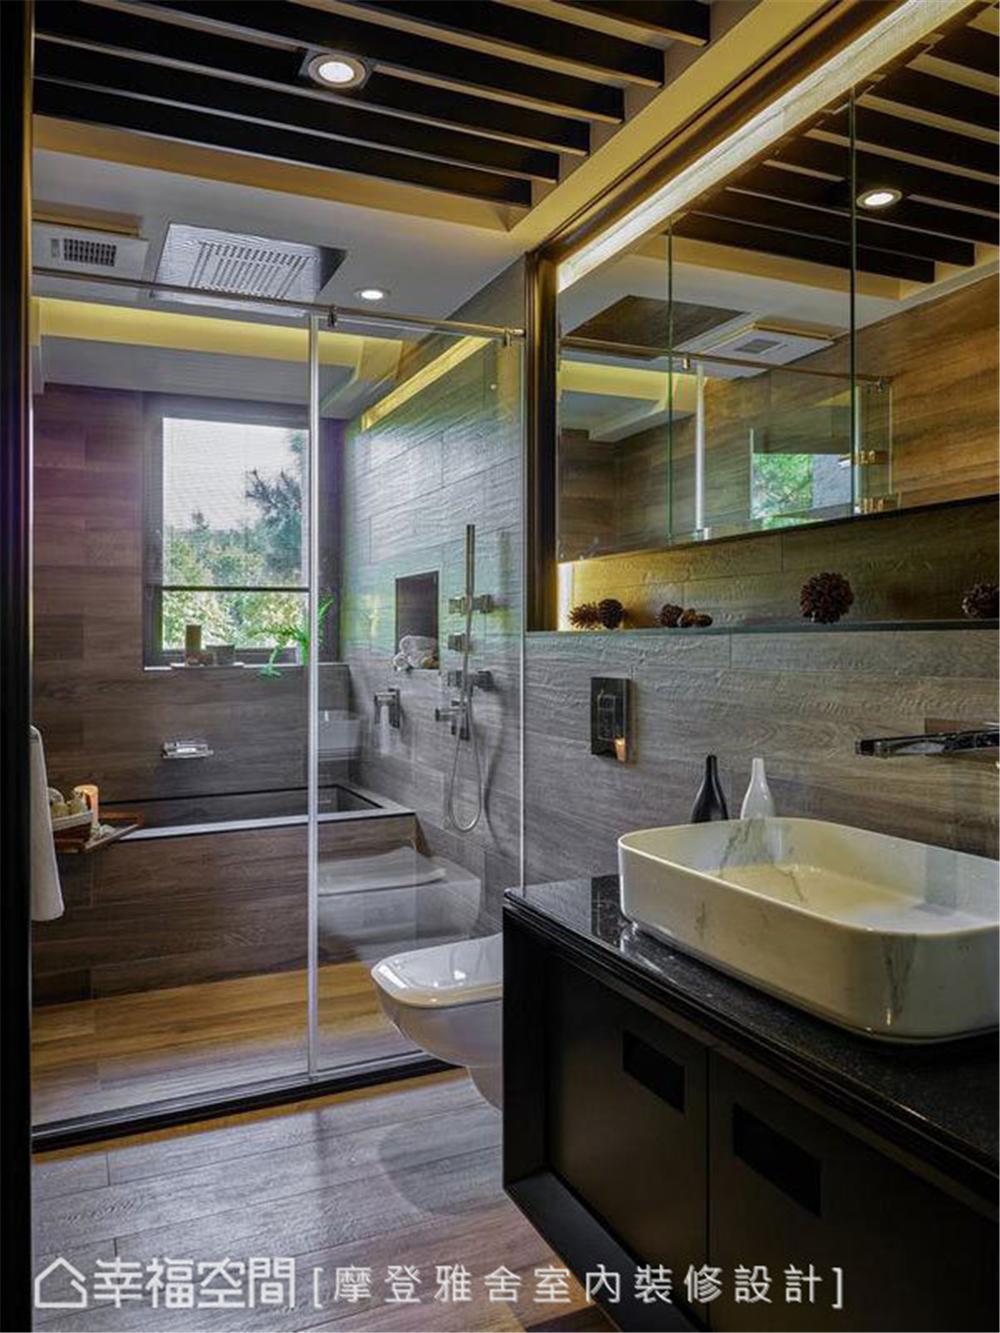 装修设计 装修完成 休闲多元异 卫生间图片来自幸福空间在198平,绿意工业风,舒适美宅的分享